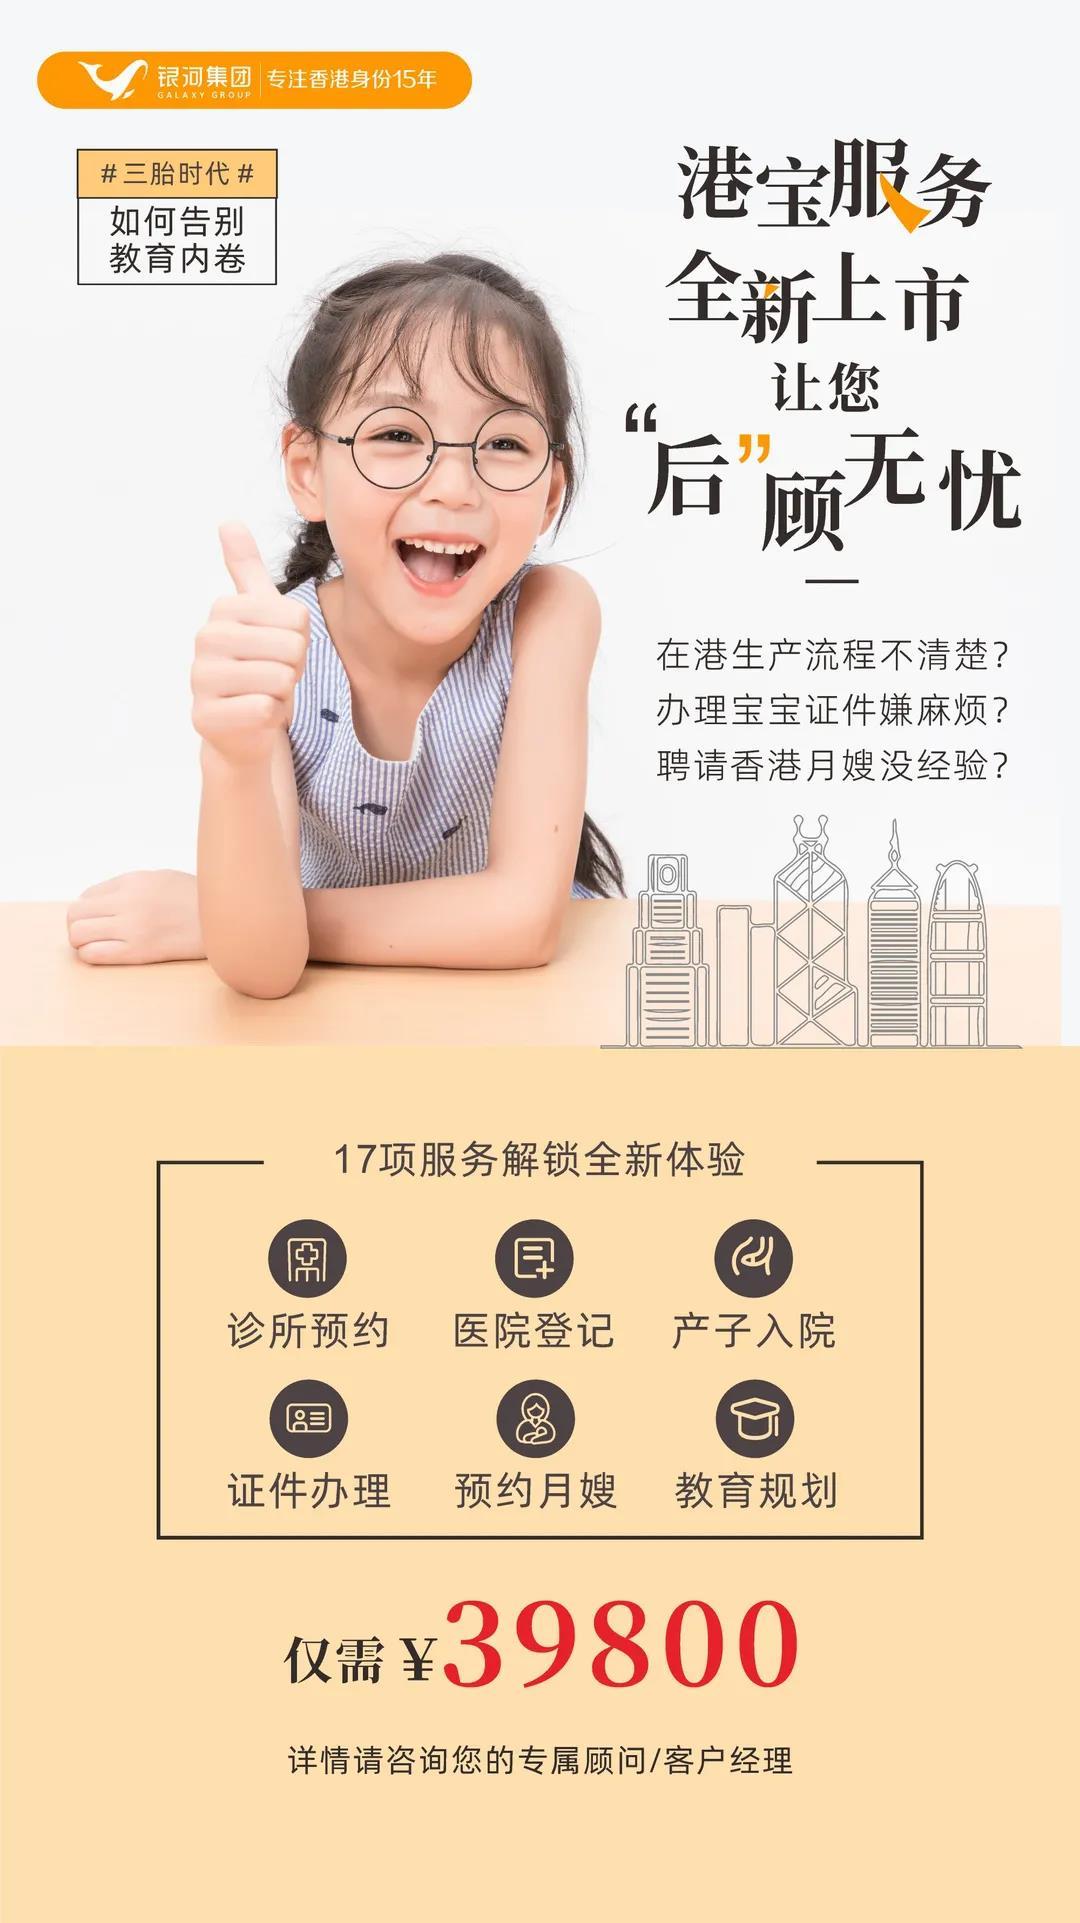 大陆人如何赴港生子?香港生宝宝有什么优势?